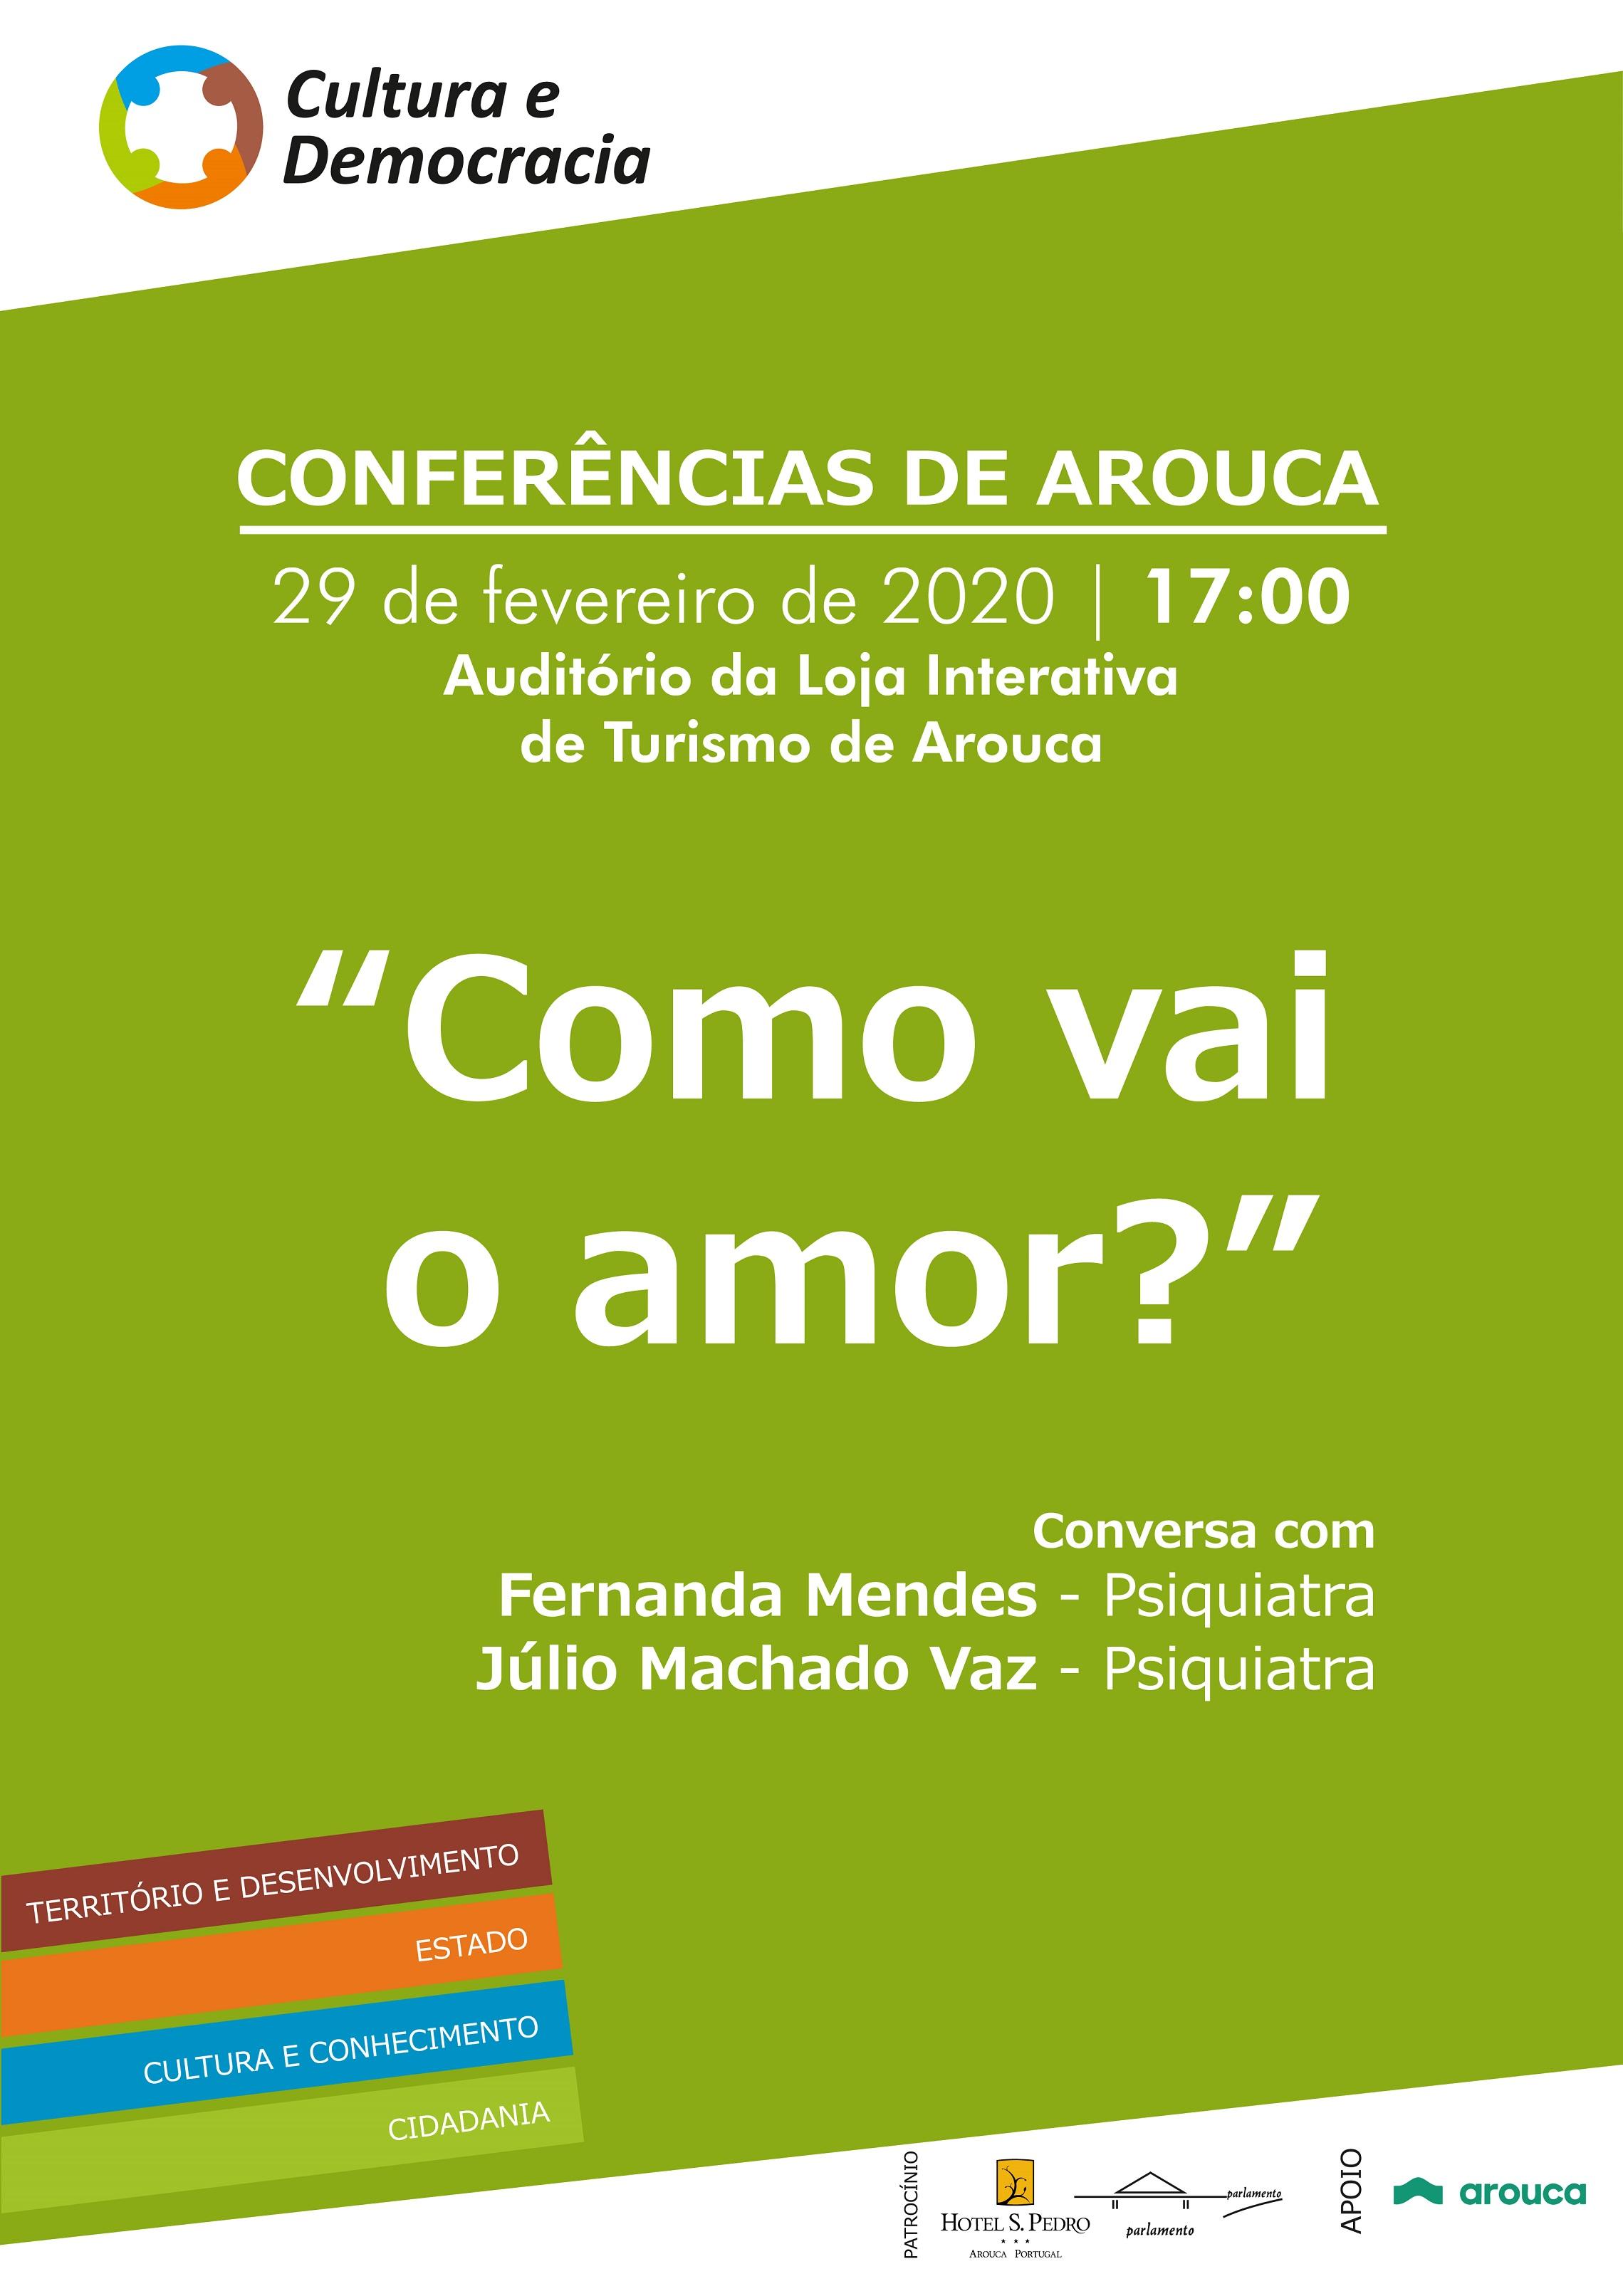 """Fernanda Mendes e Júlio Machado Vaz nas """"Conferências de Arouca"""""""